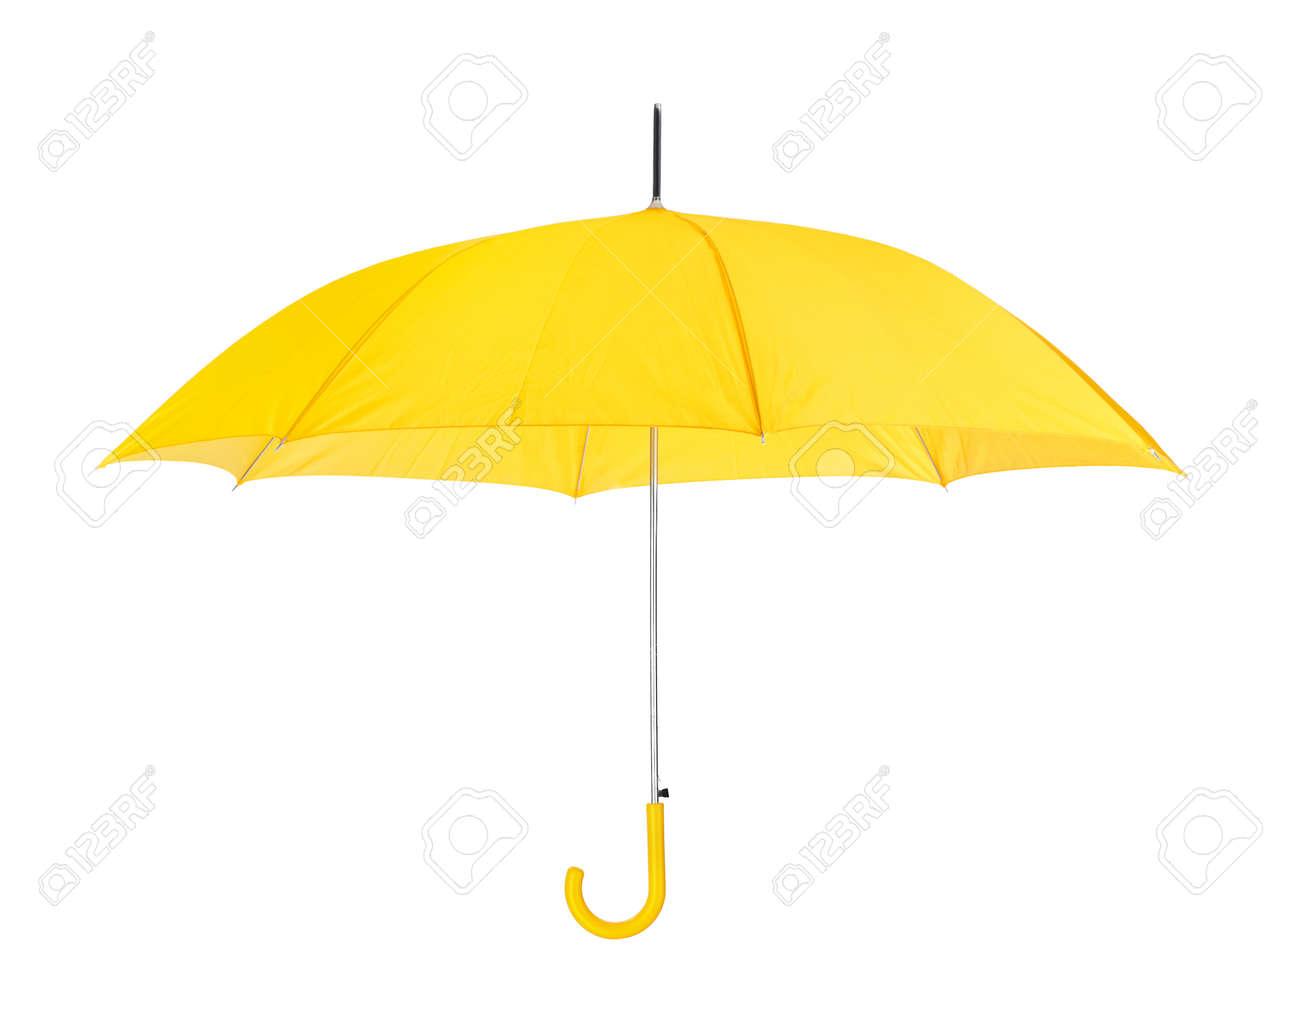 Opened umbrella isolated on white background - 46637784